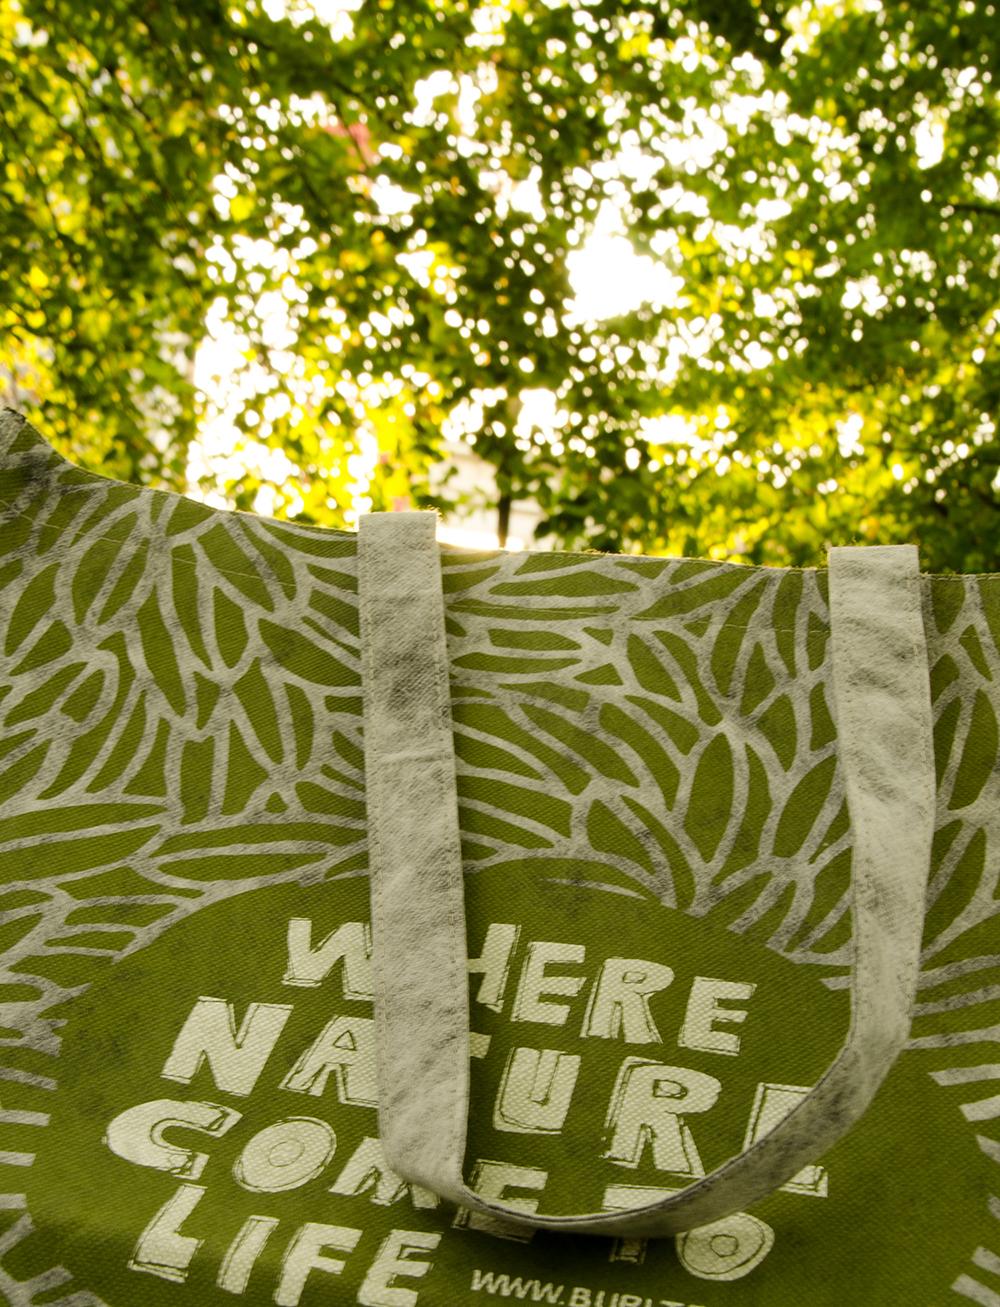 c-bags voor Burltex // single cyclus ecologische draagtassen // PP non woven bedrukte draagtassen - speciale nabehandeling // betaalbare luxe draagtassen